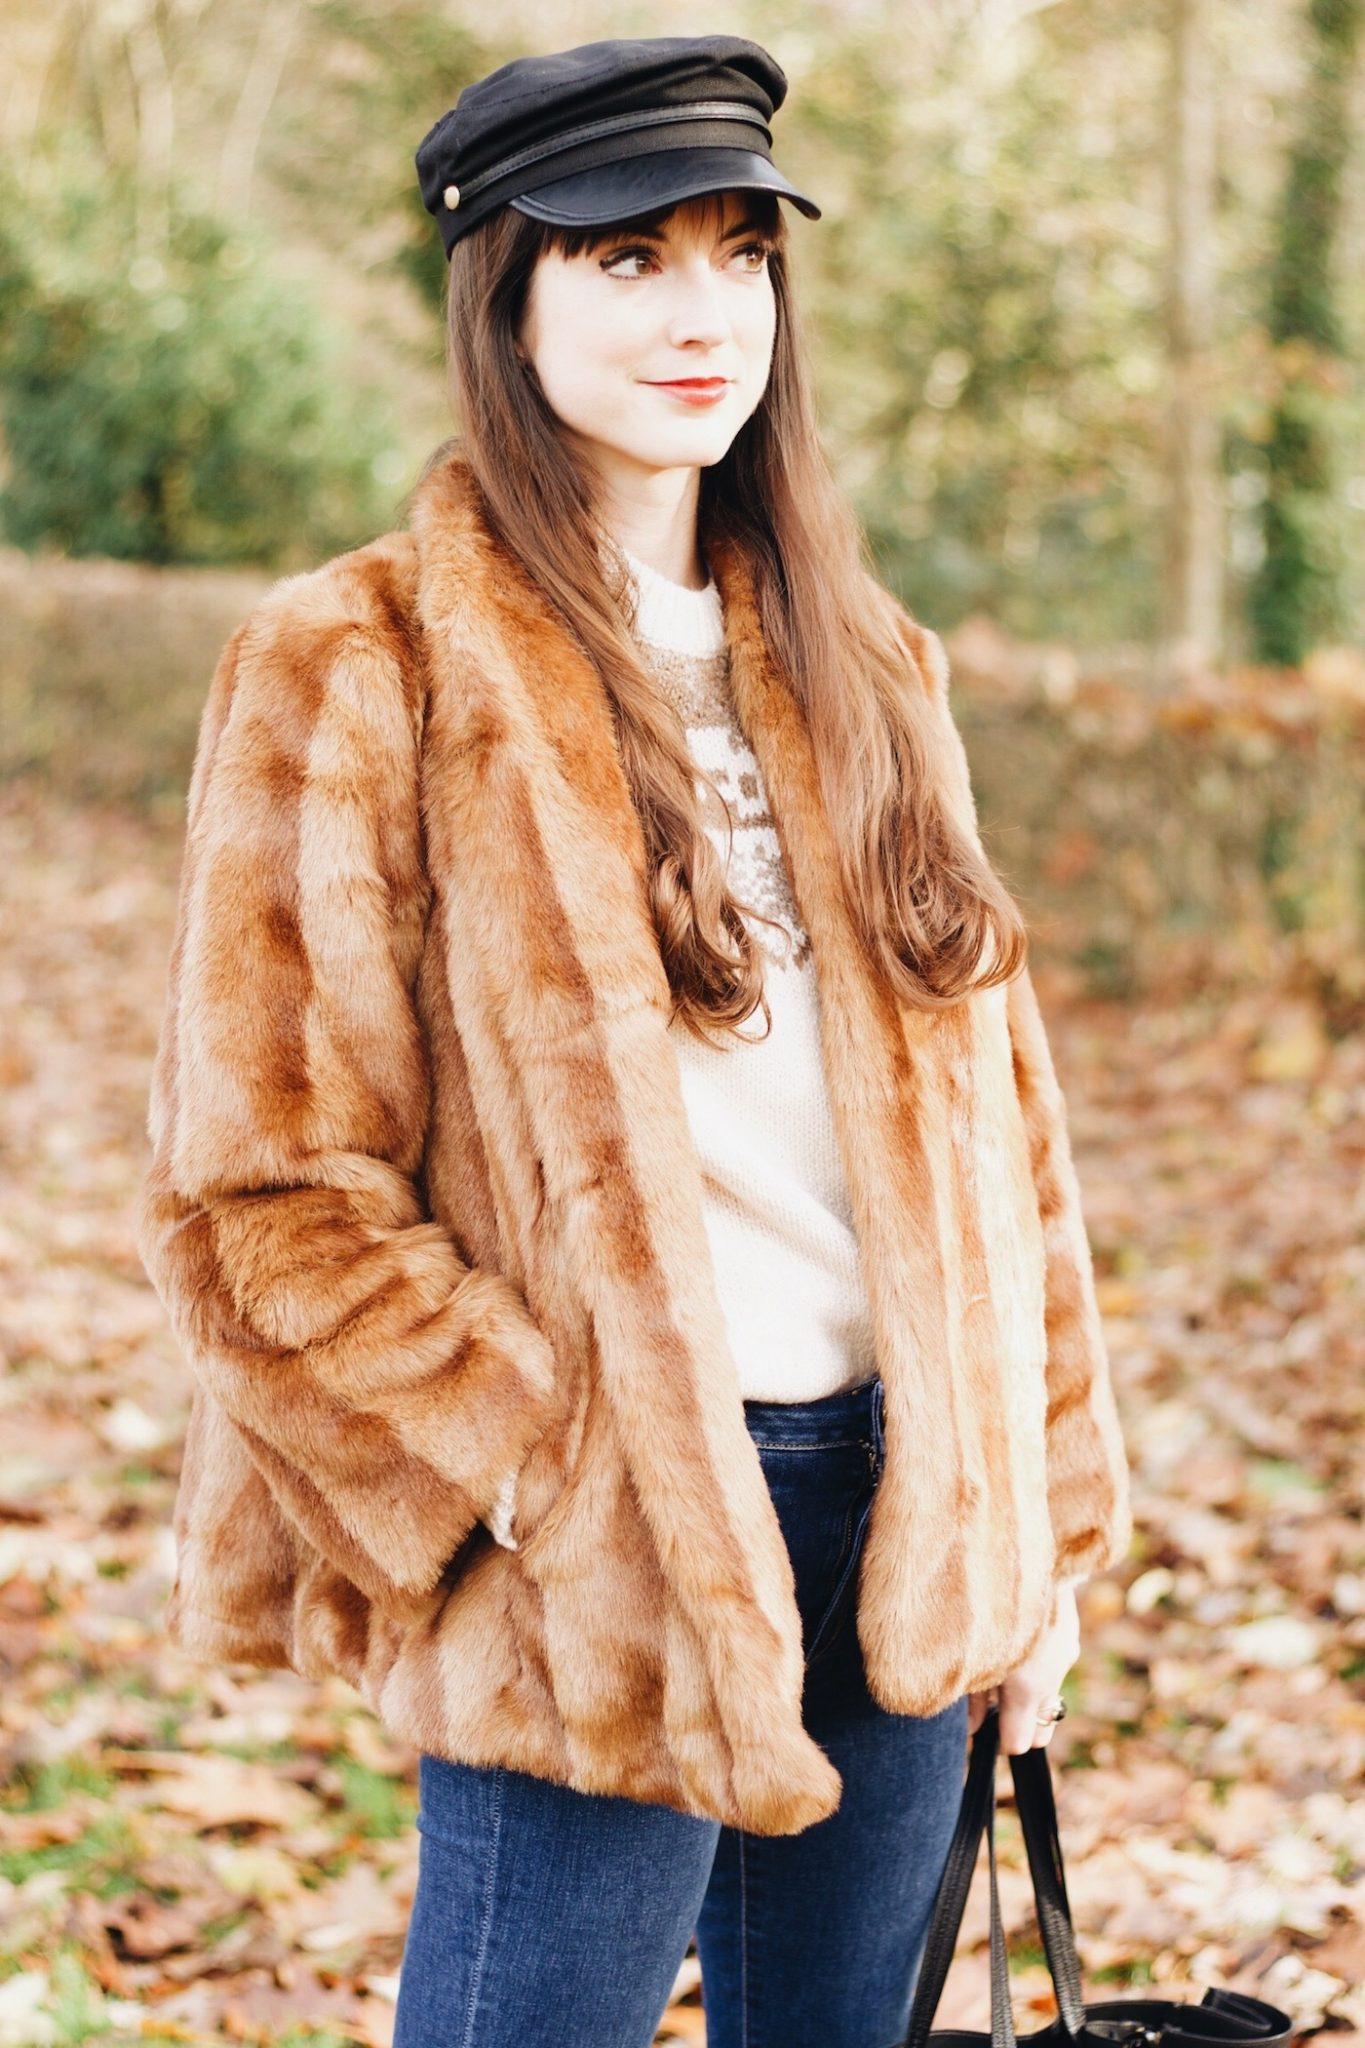 Felljacke und Norwegerpullover kombiniert für meinen Modeblog